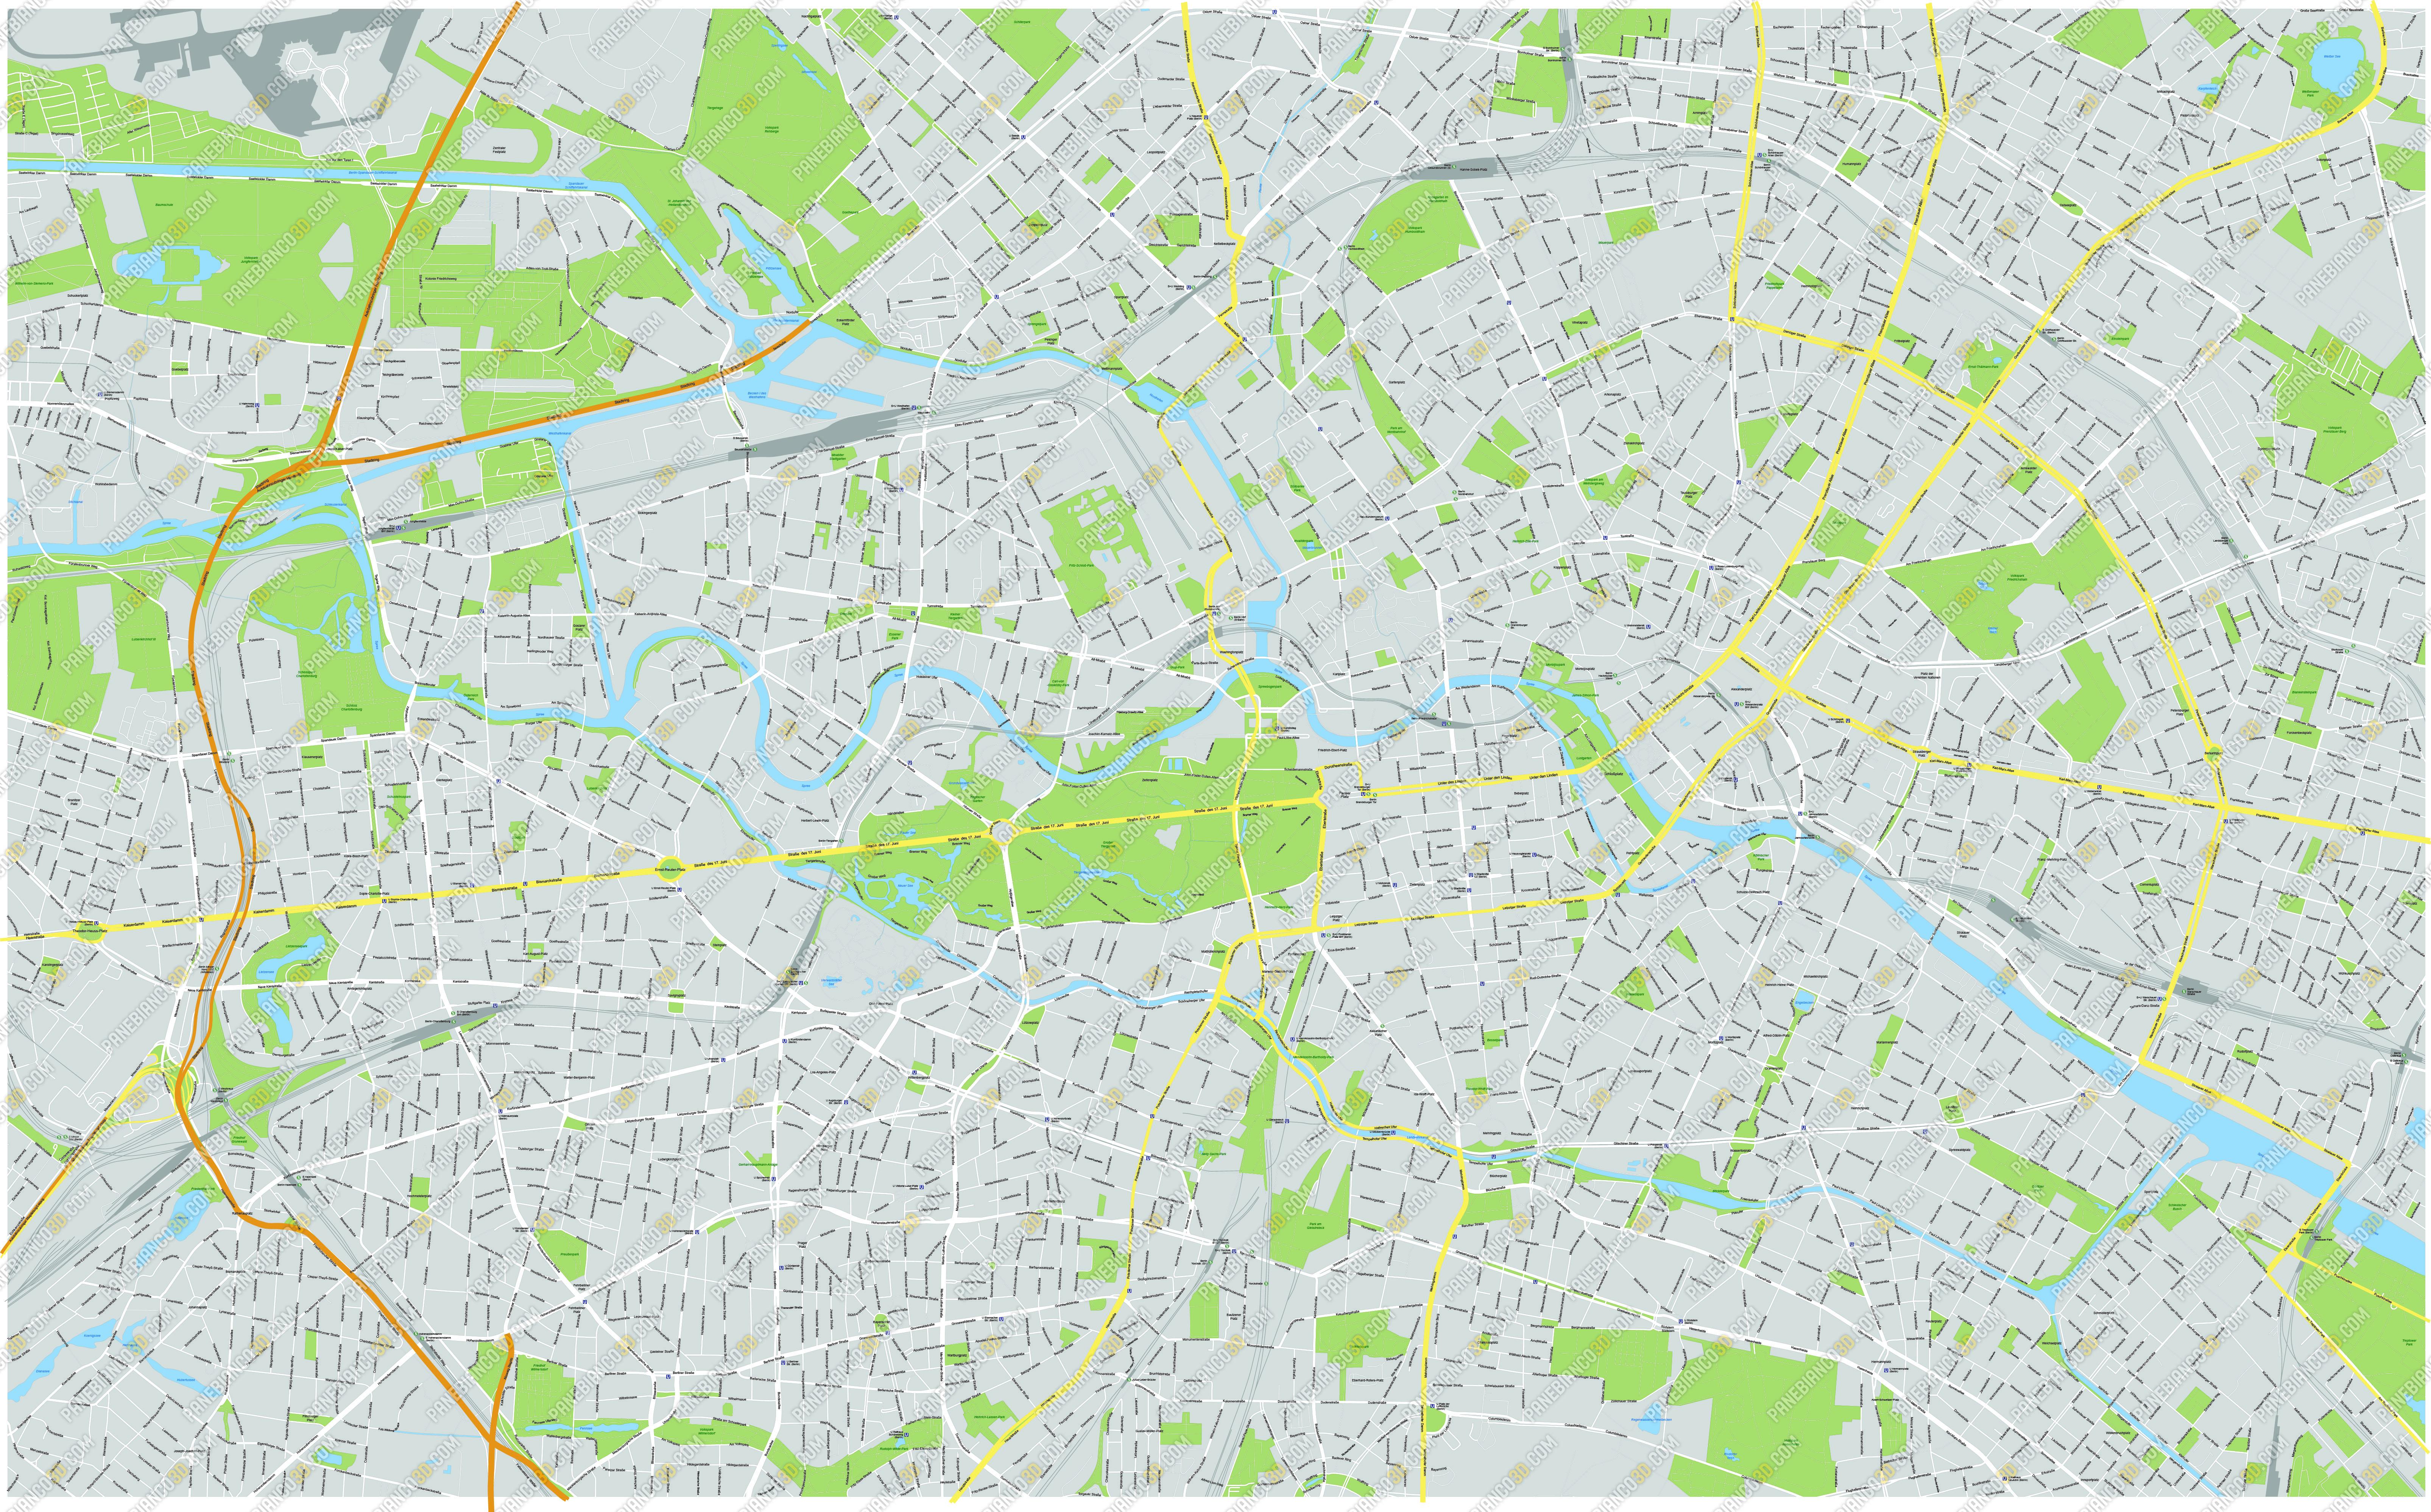 Pianta Muro Berlino : Mappa vettoriale di berlino in formato eps e ai modificabile